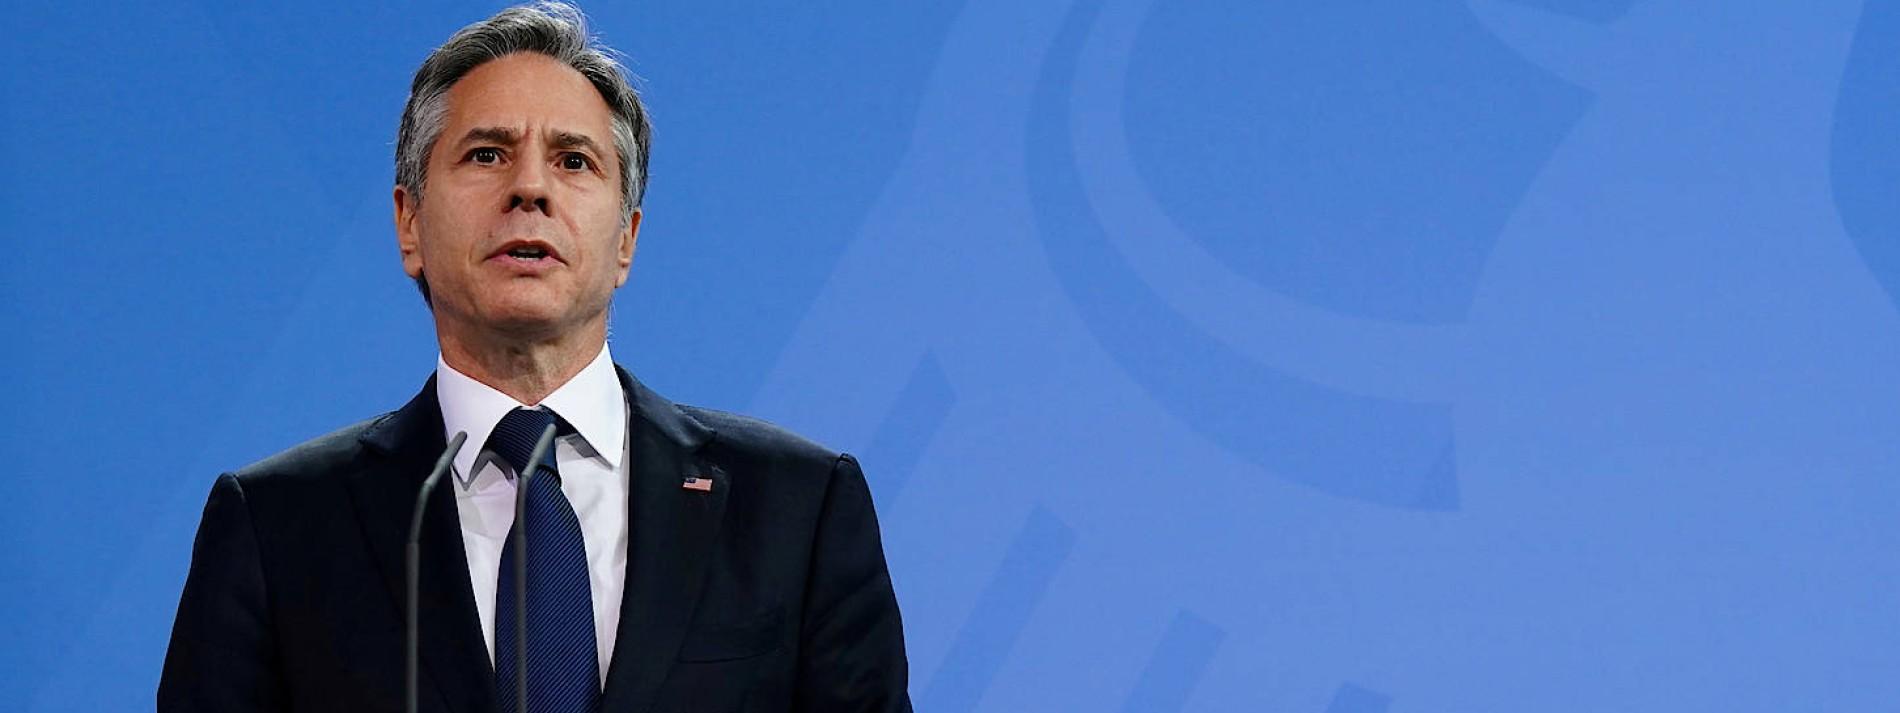 Blinken betont gemeinsame Werte mit Deutschland